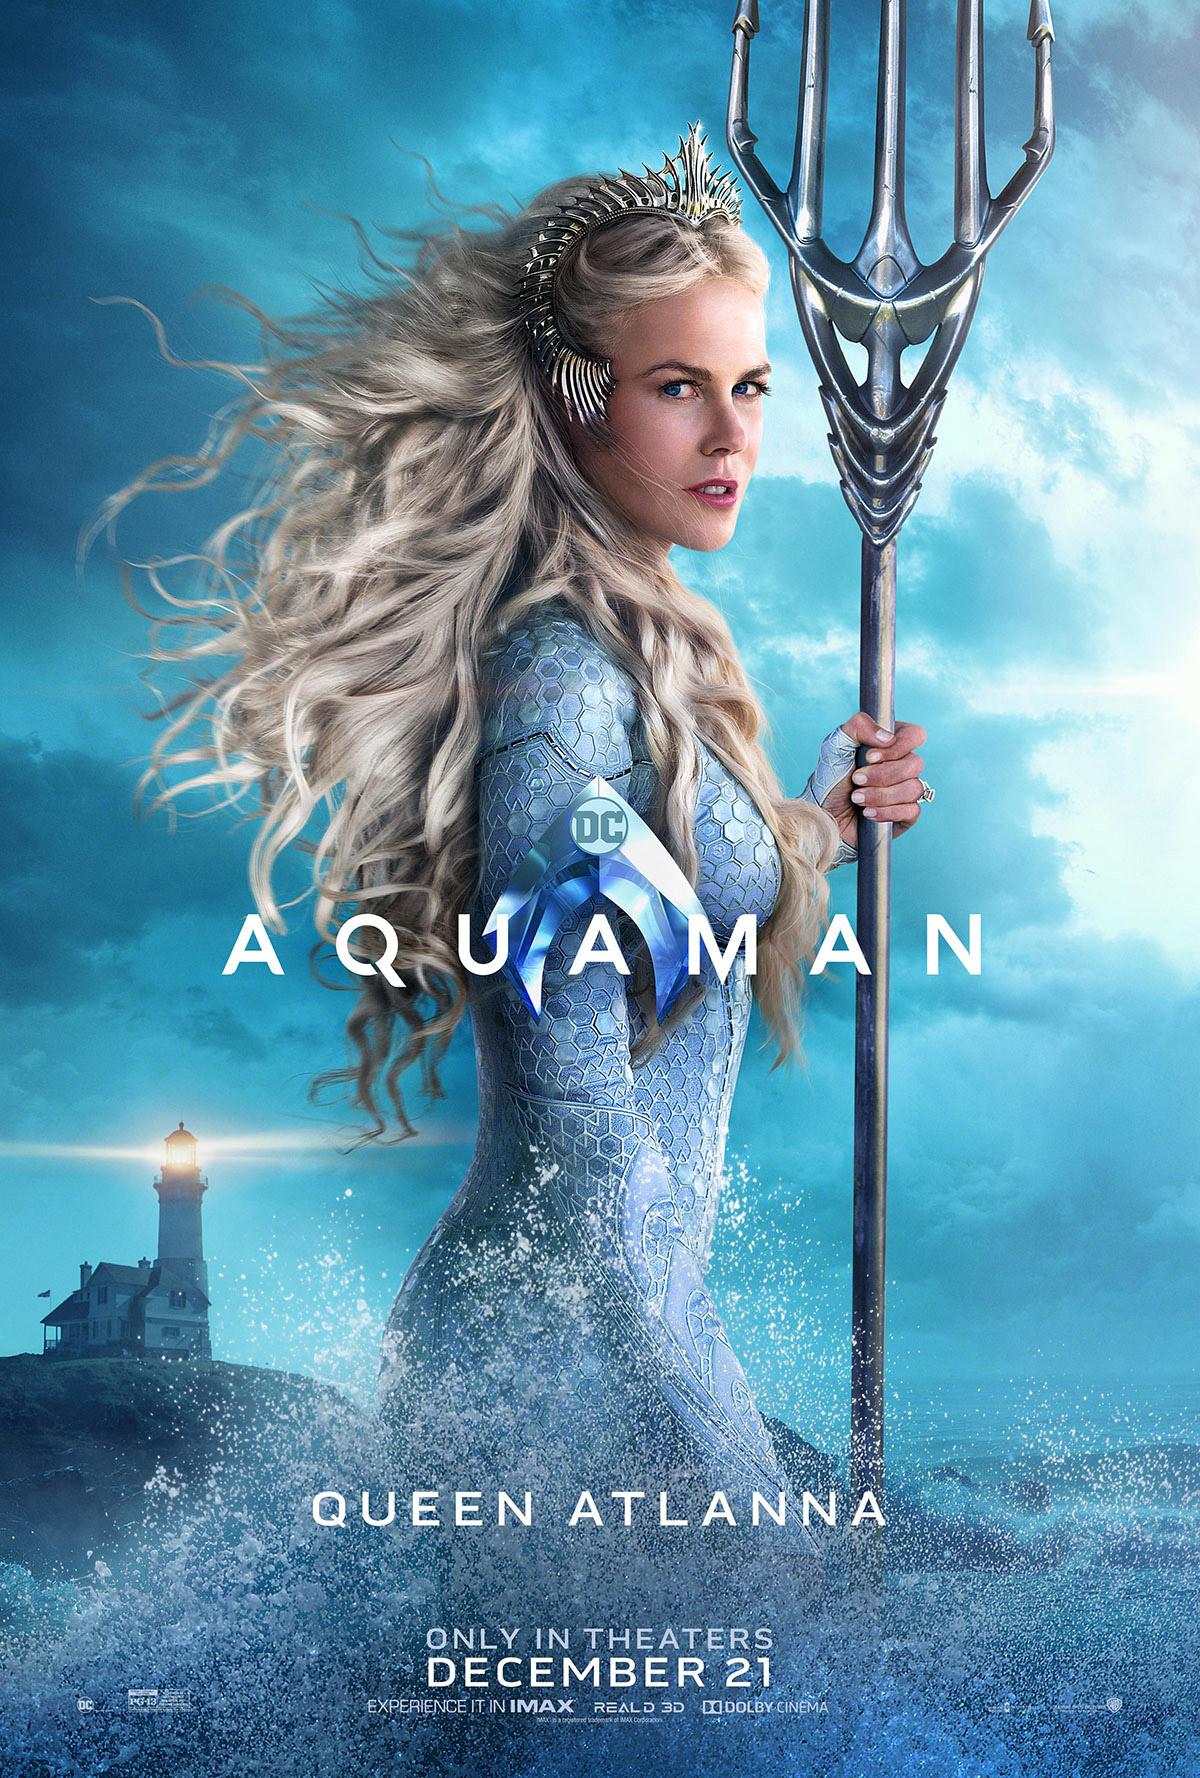 poster_queen_atlanna.jpg